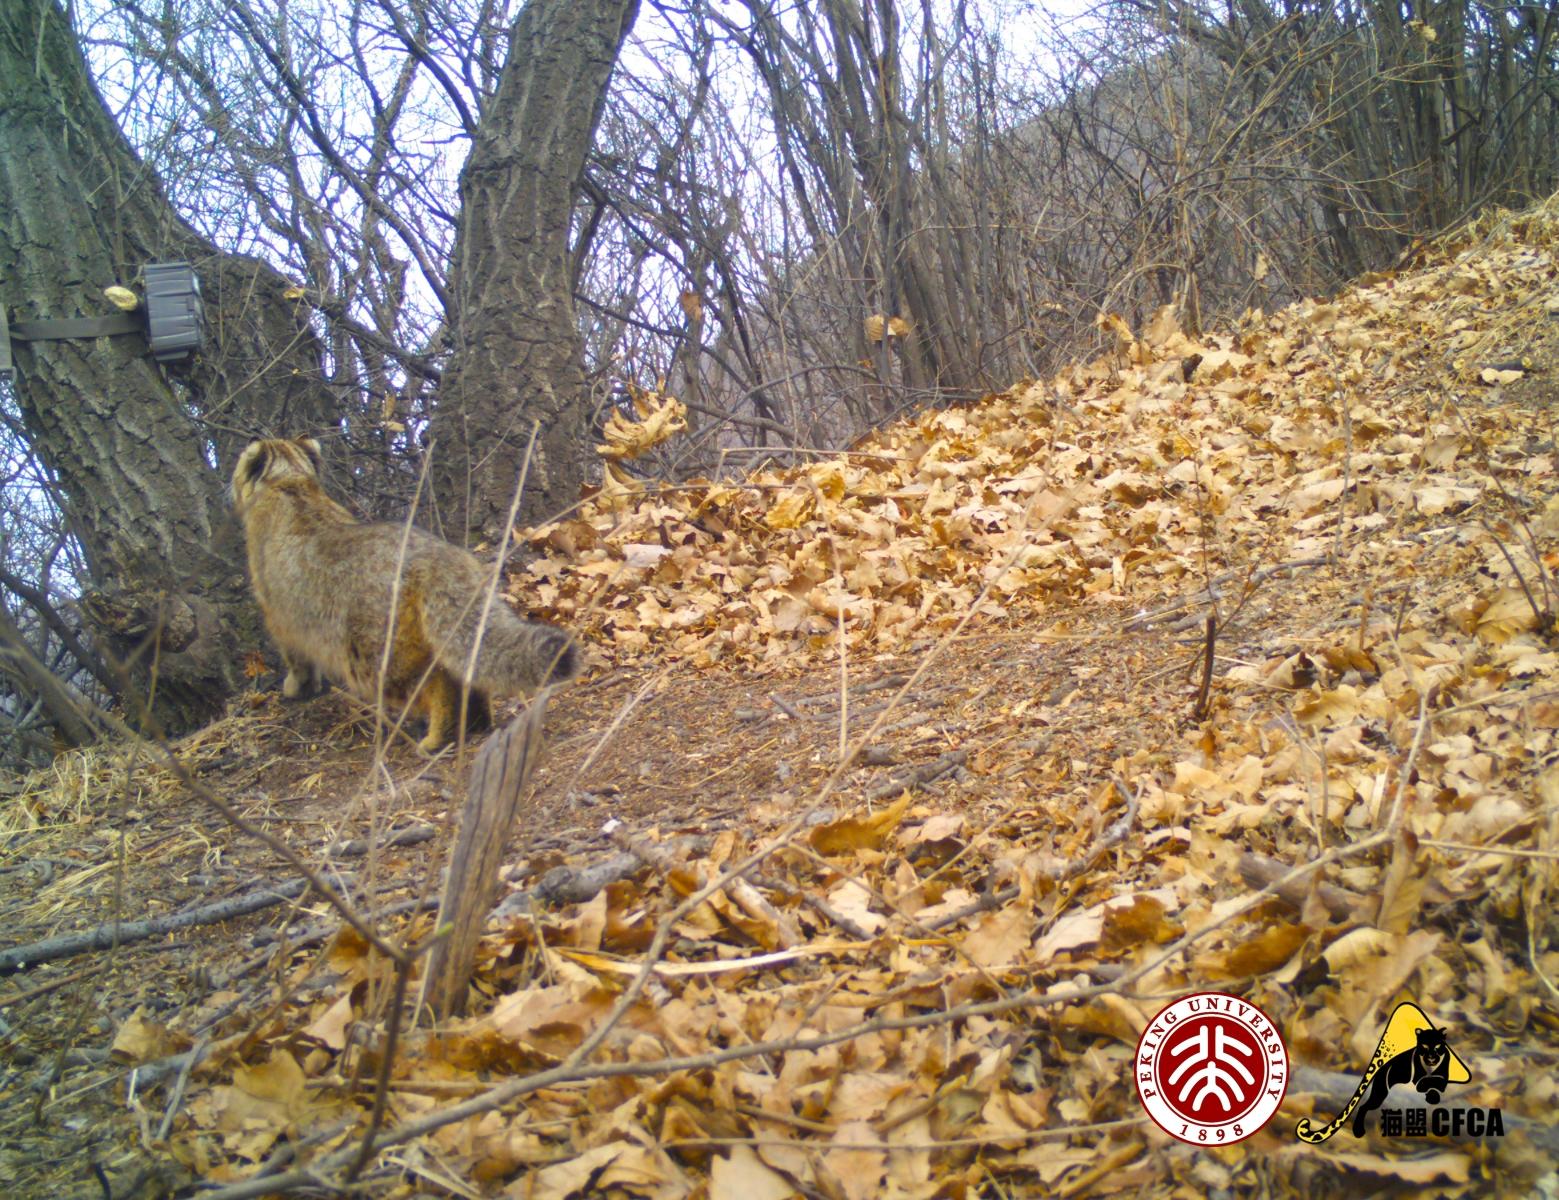 leopard-cat-luo-shujin6